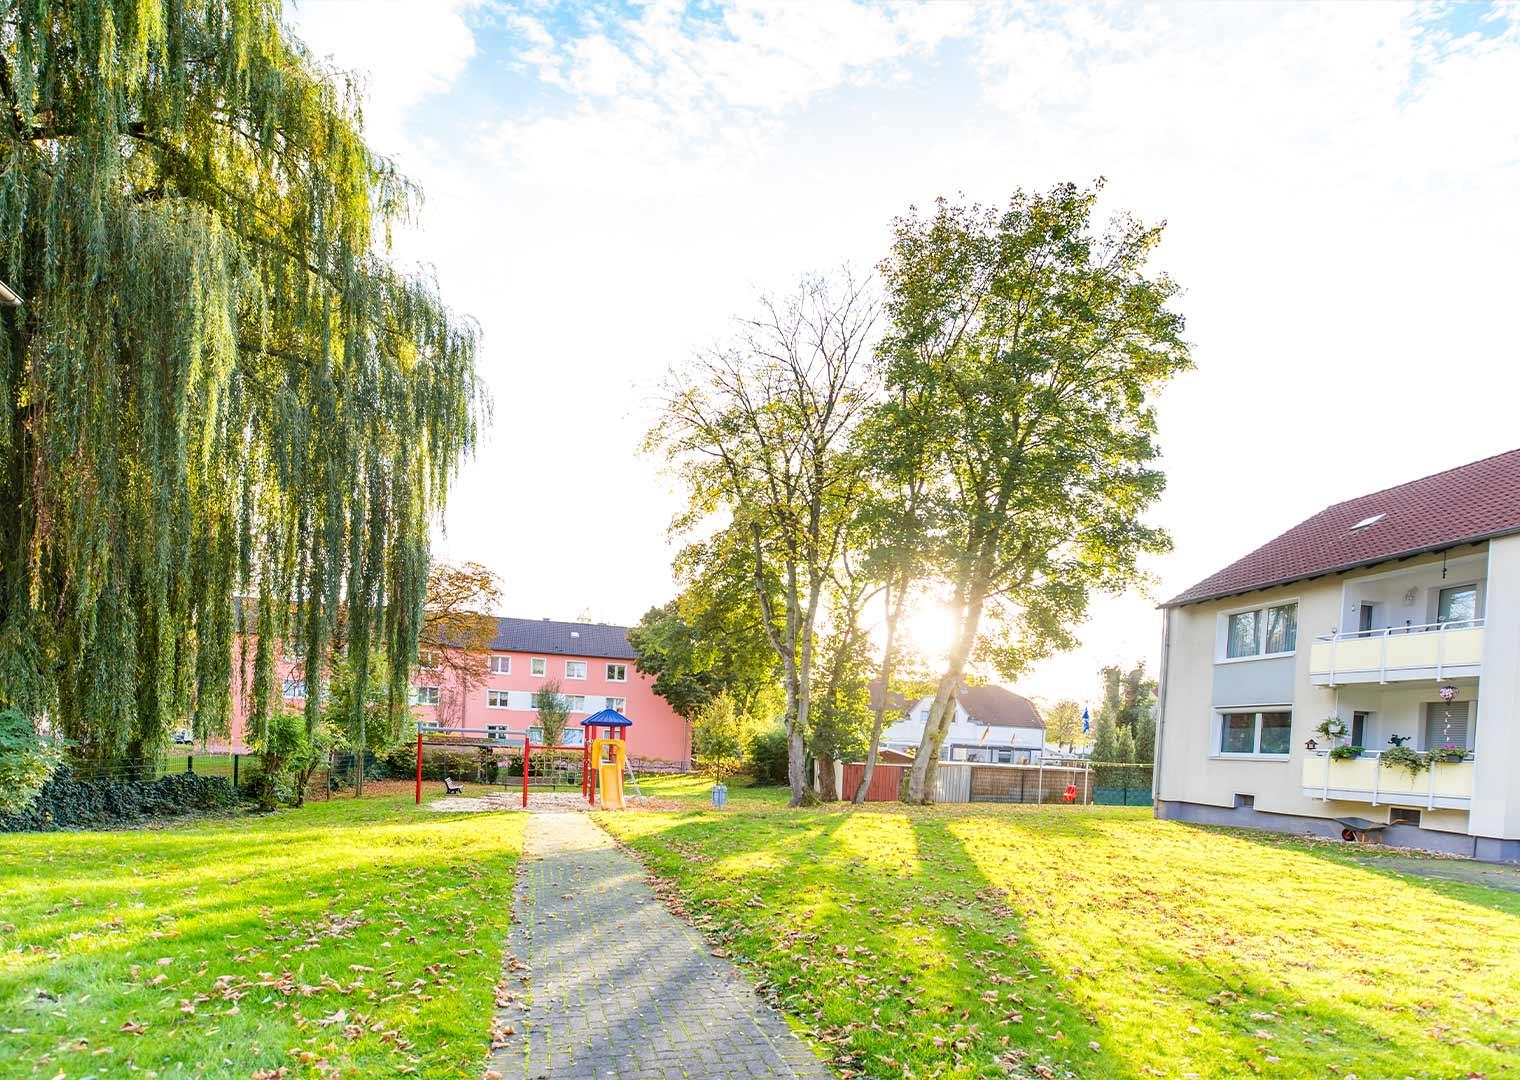 Link zur Bilddatei: Kirchhelle_Referenzen_Spielplatz_Galeriebilder_08